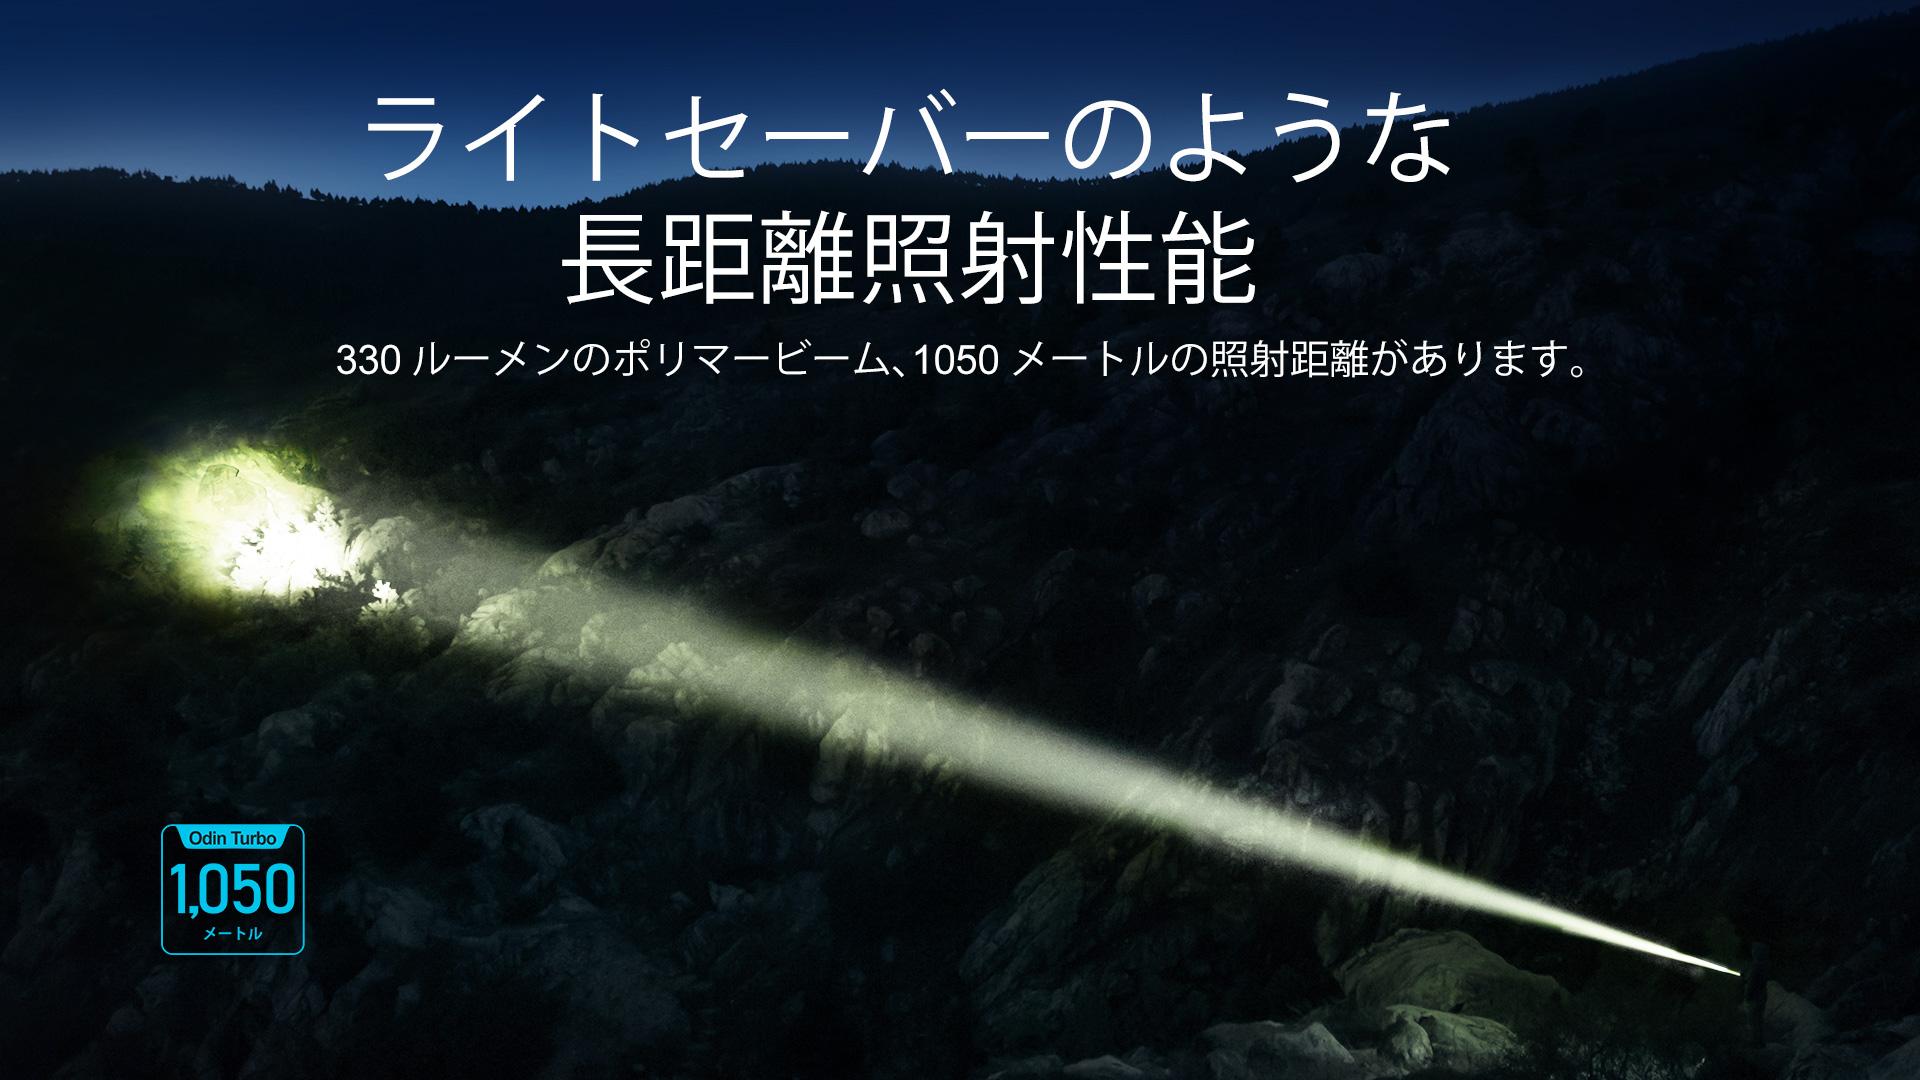 Odin Turboの最大輝度は330ルーメンで、最も遠い照射距離は1050メートルです。